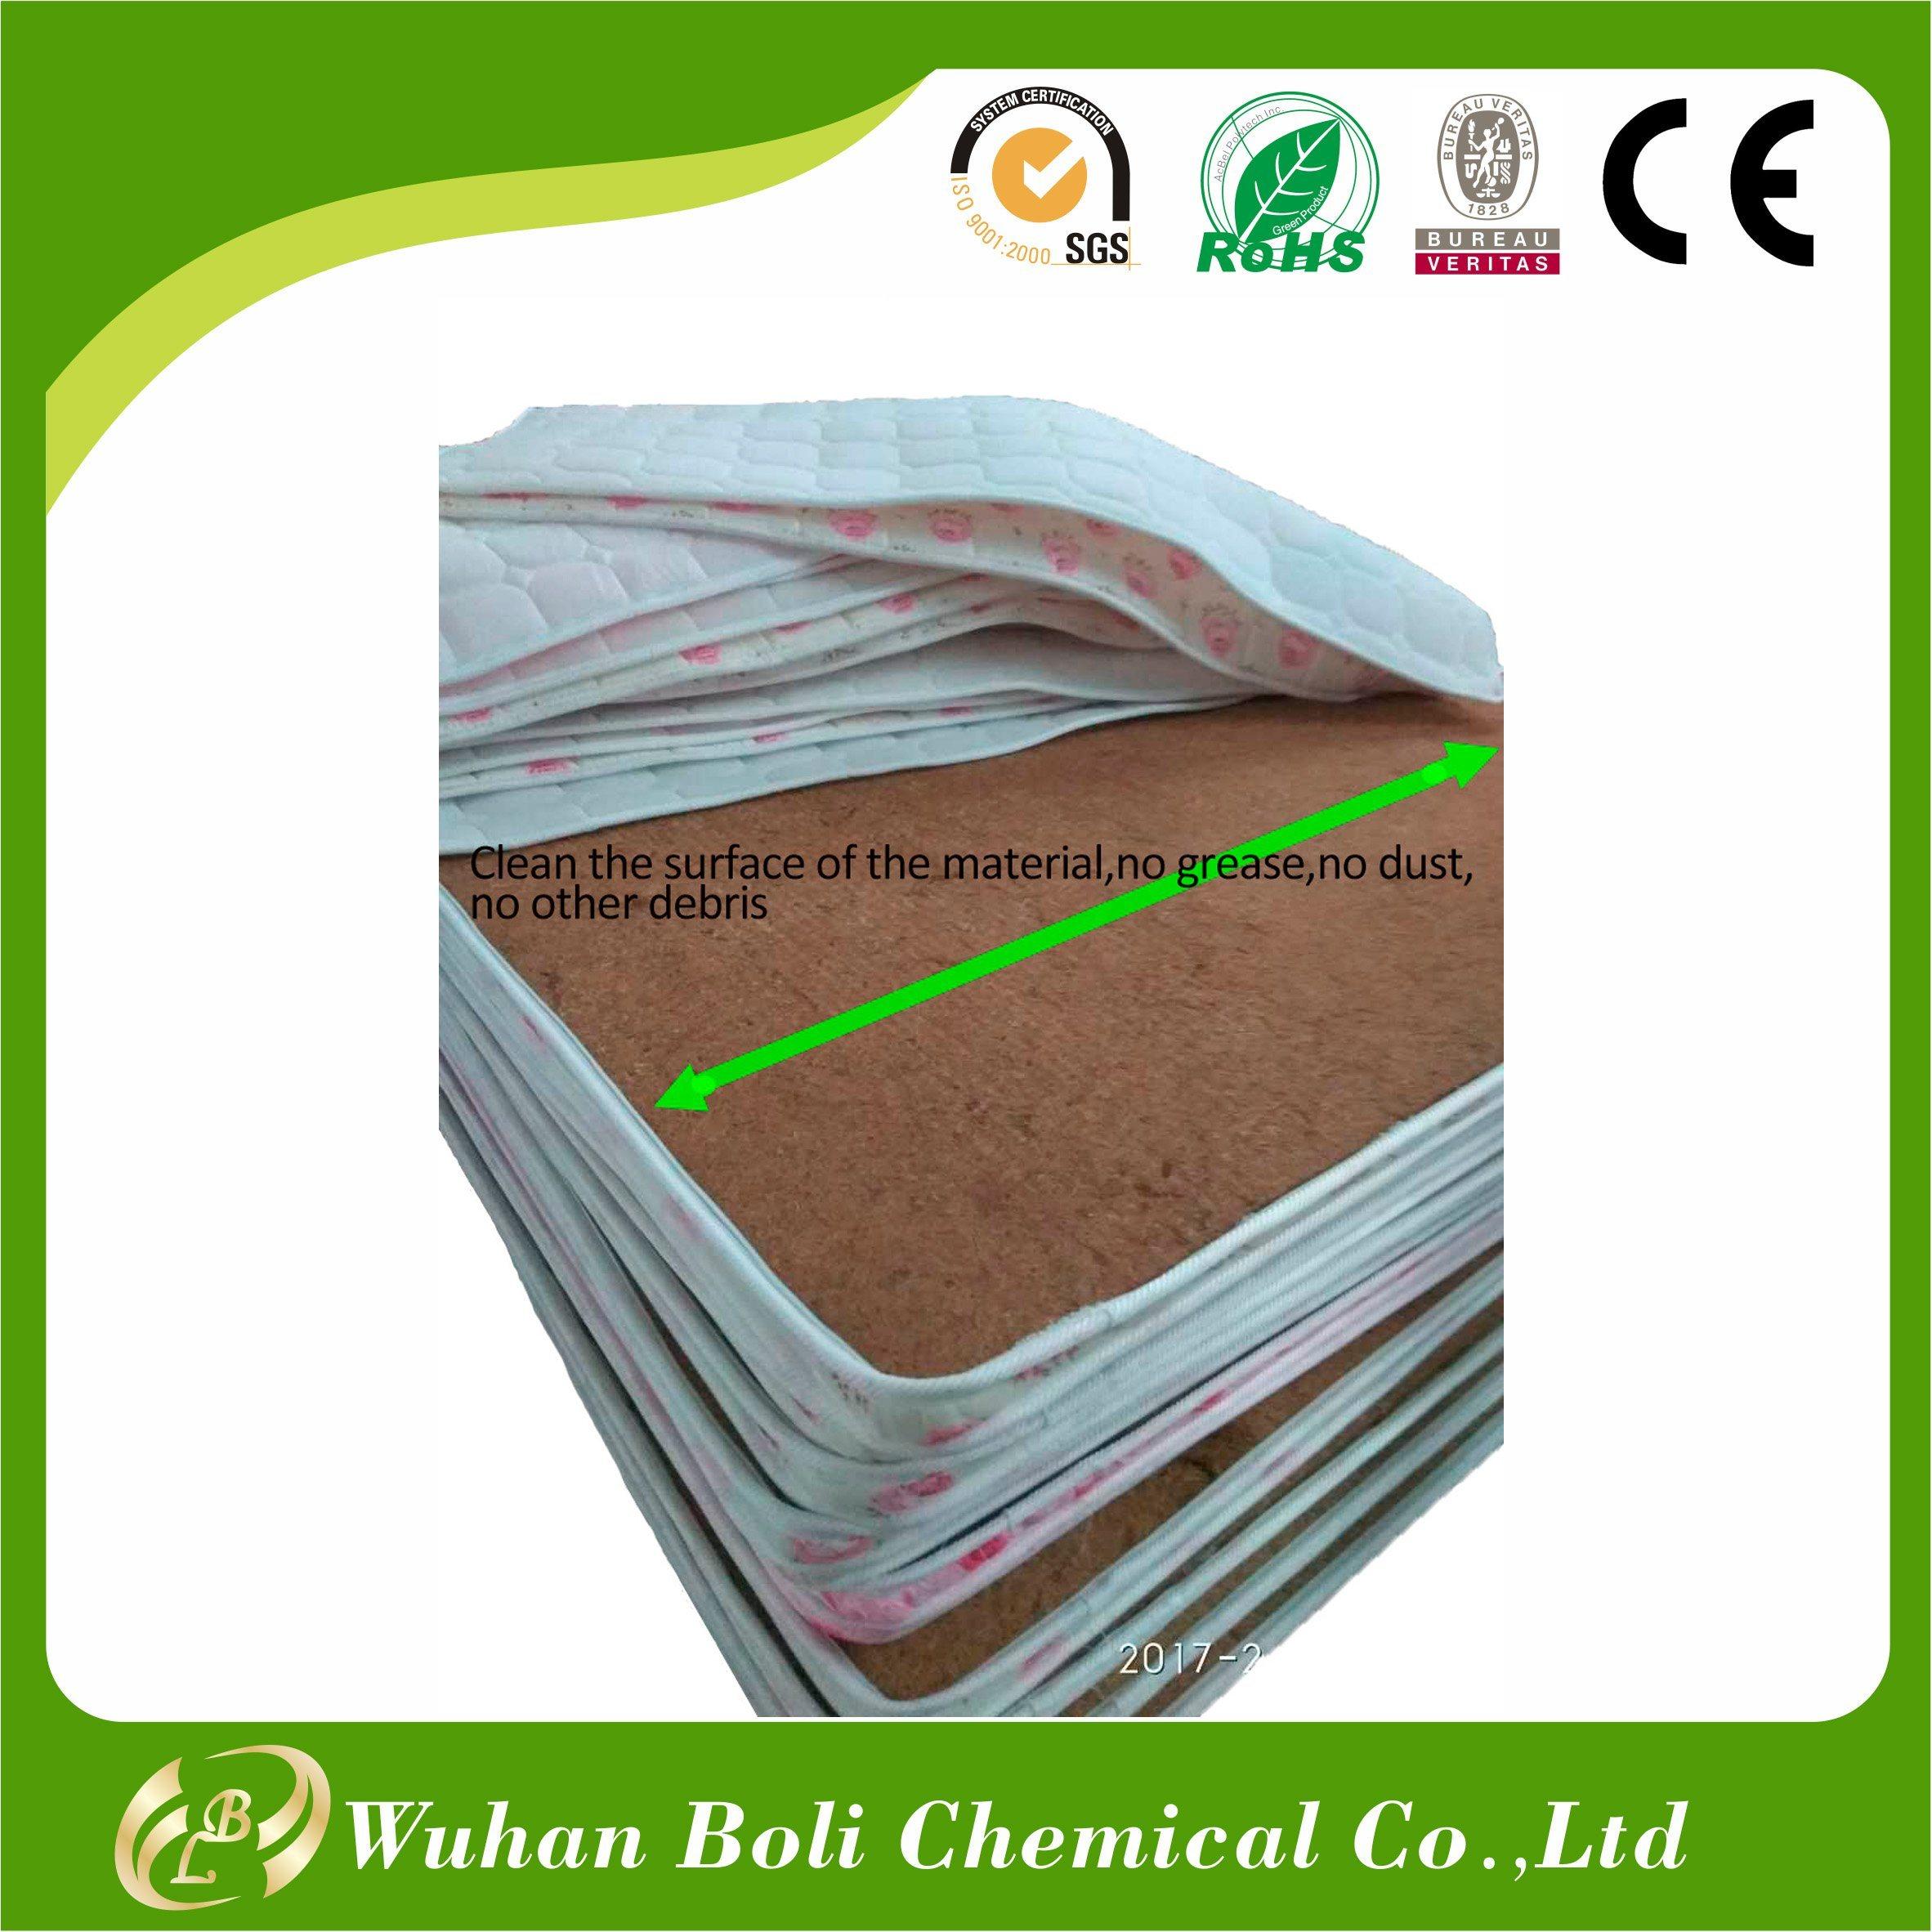 China Supplier GBL Good Viscosity Spray Glue